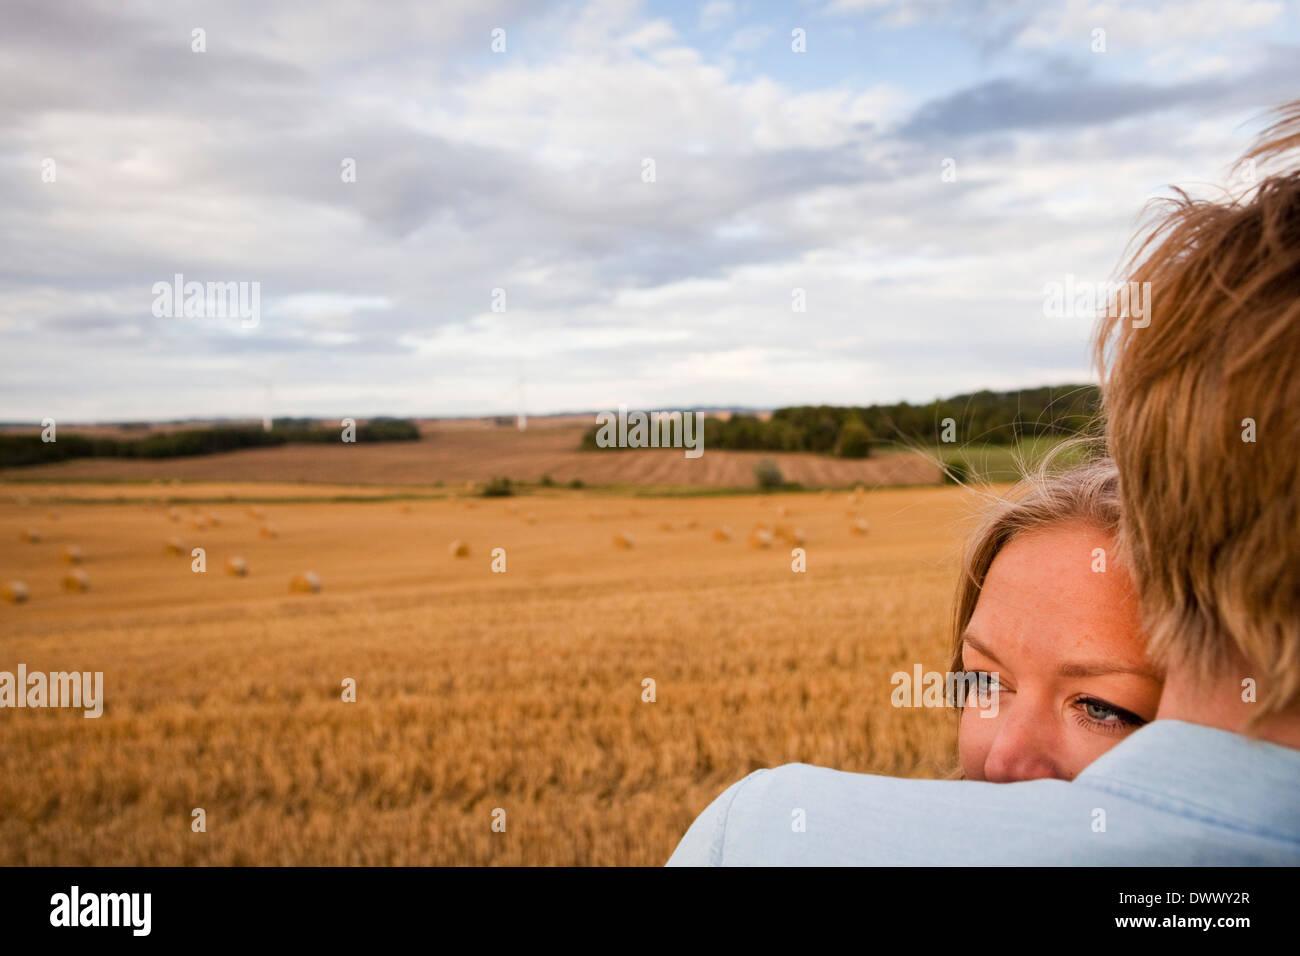 Immagine ritagliata di affettuosa coppia giovane nel campo Immagini Stock